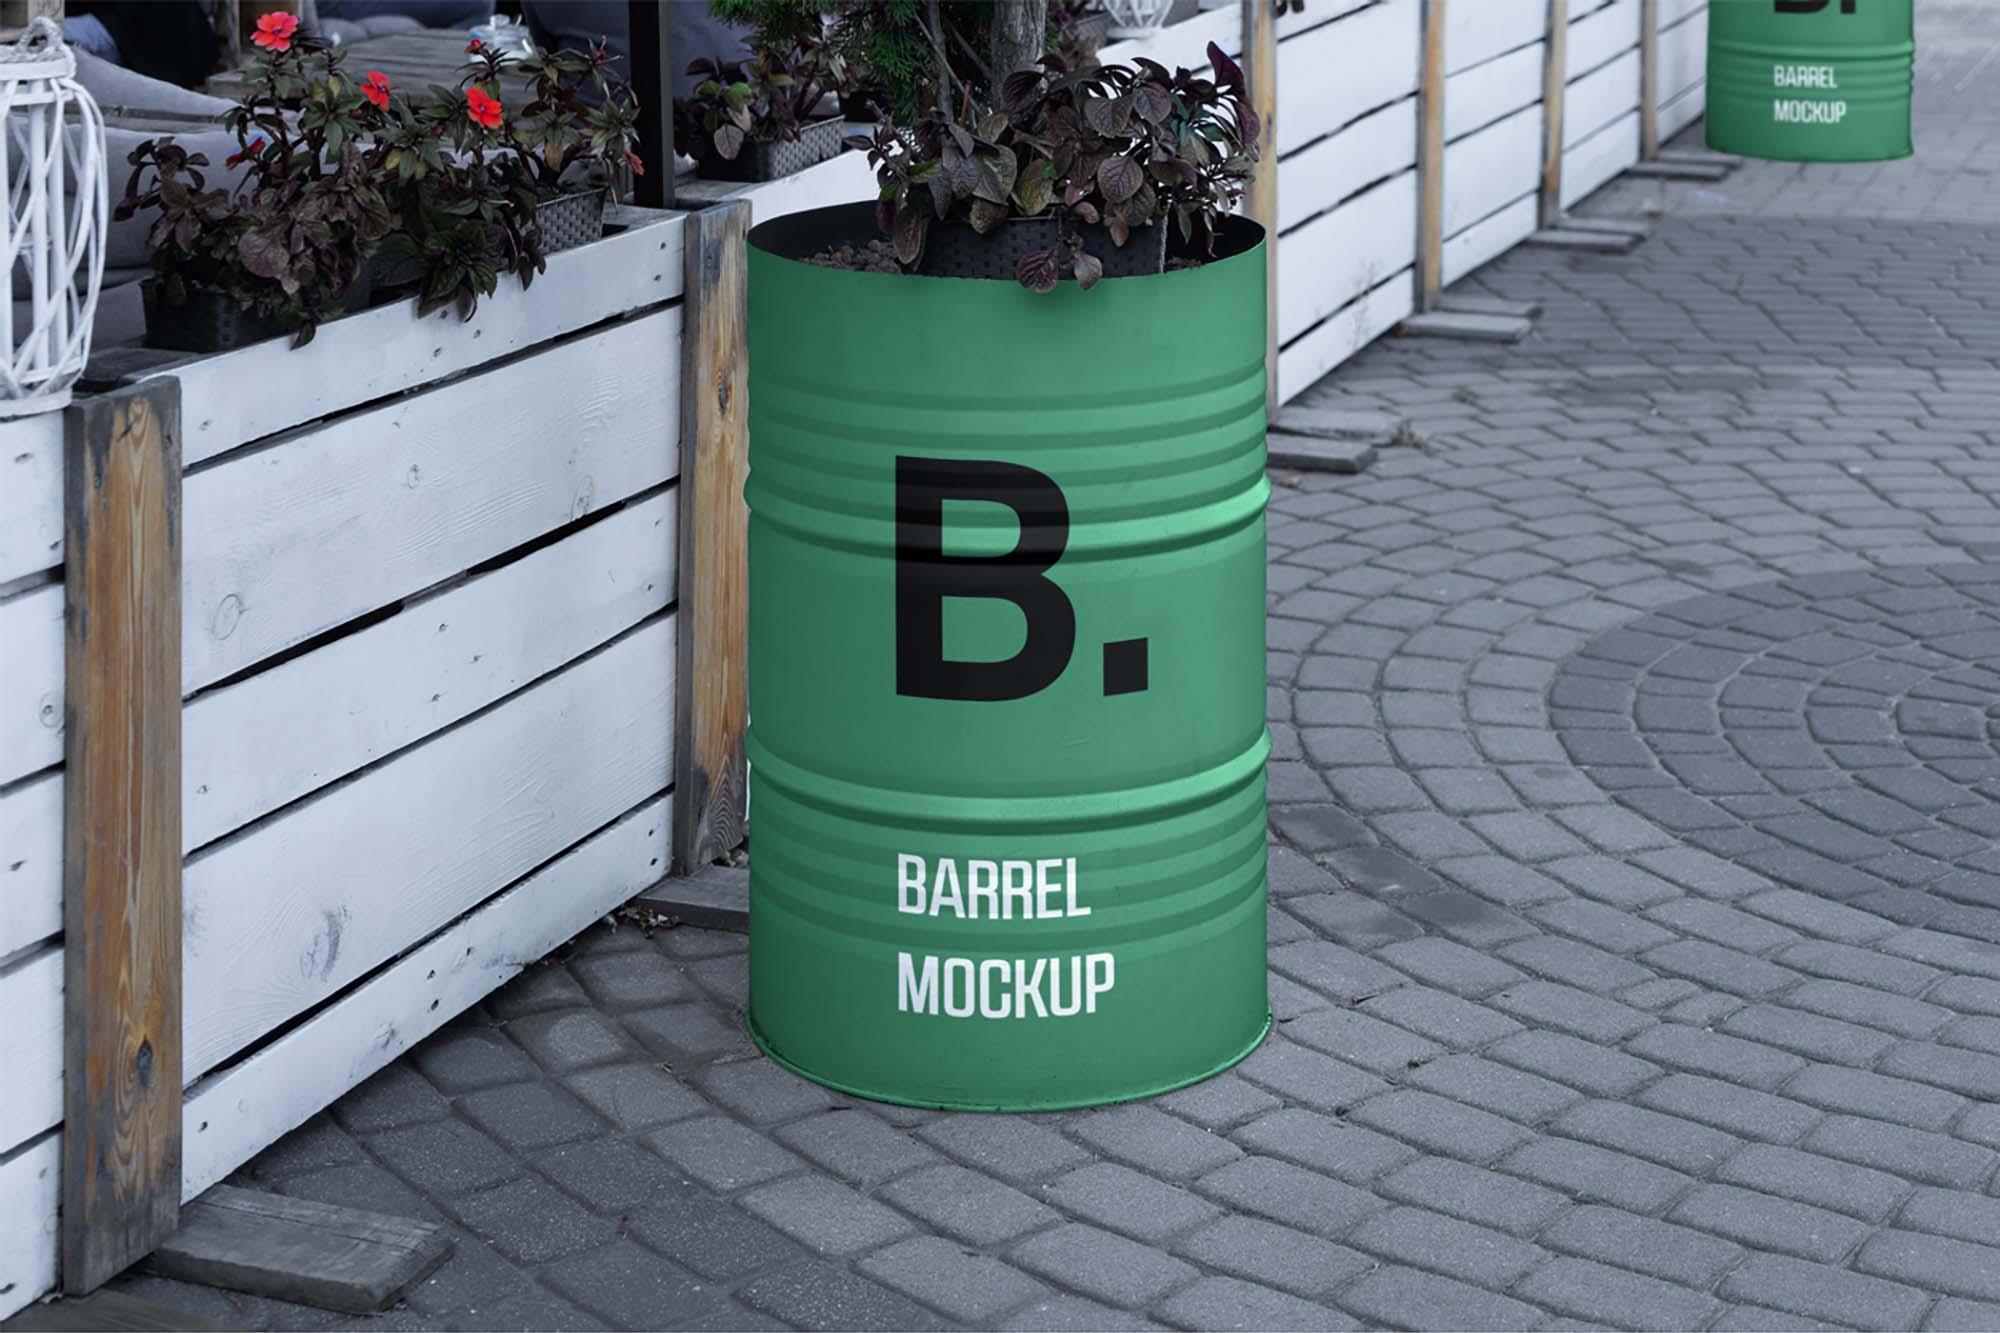 Barrel Mockup